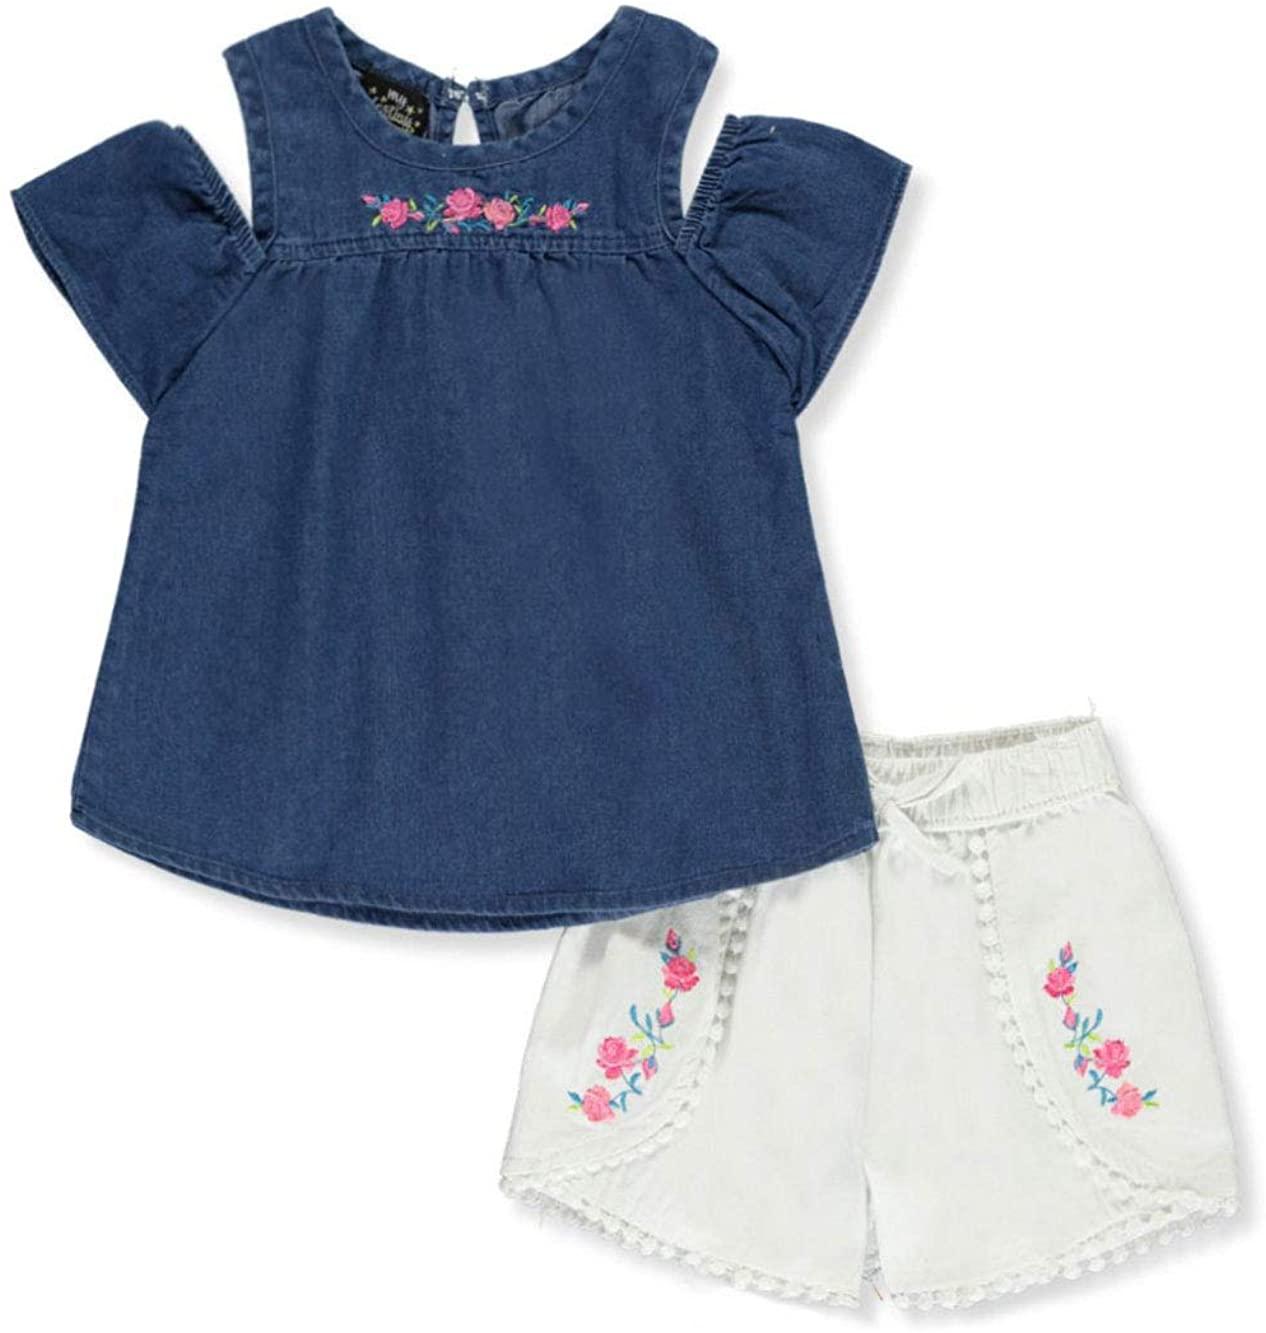 My Destiny Little Girls Floral 2-Piece Shorts Set Outfit - Denim Blue/Multi, 6X